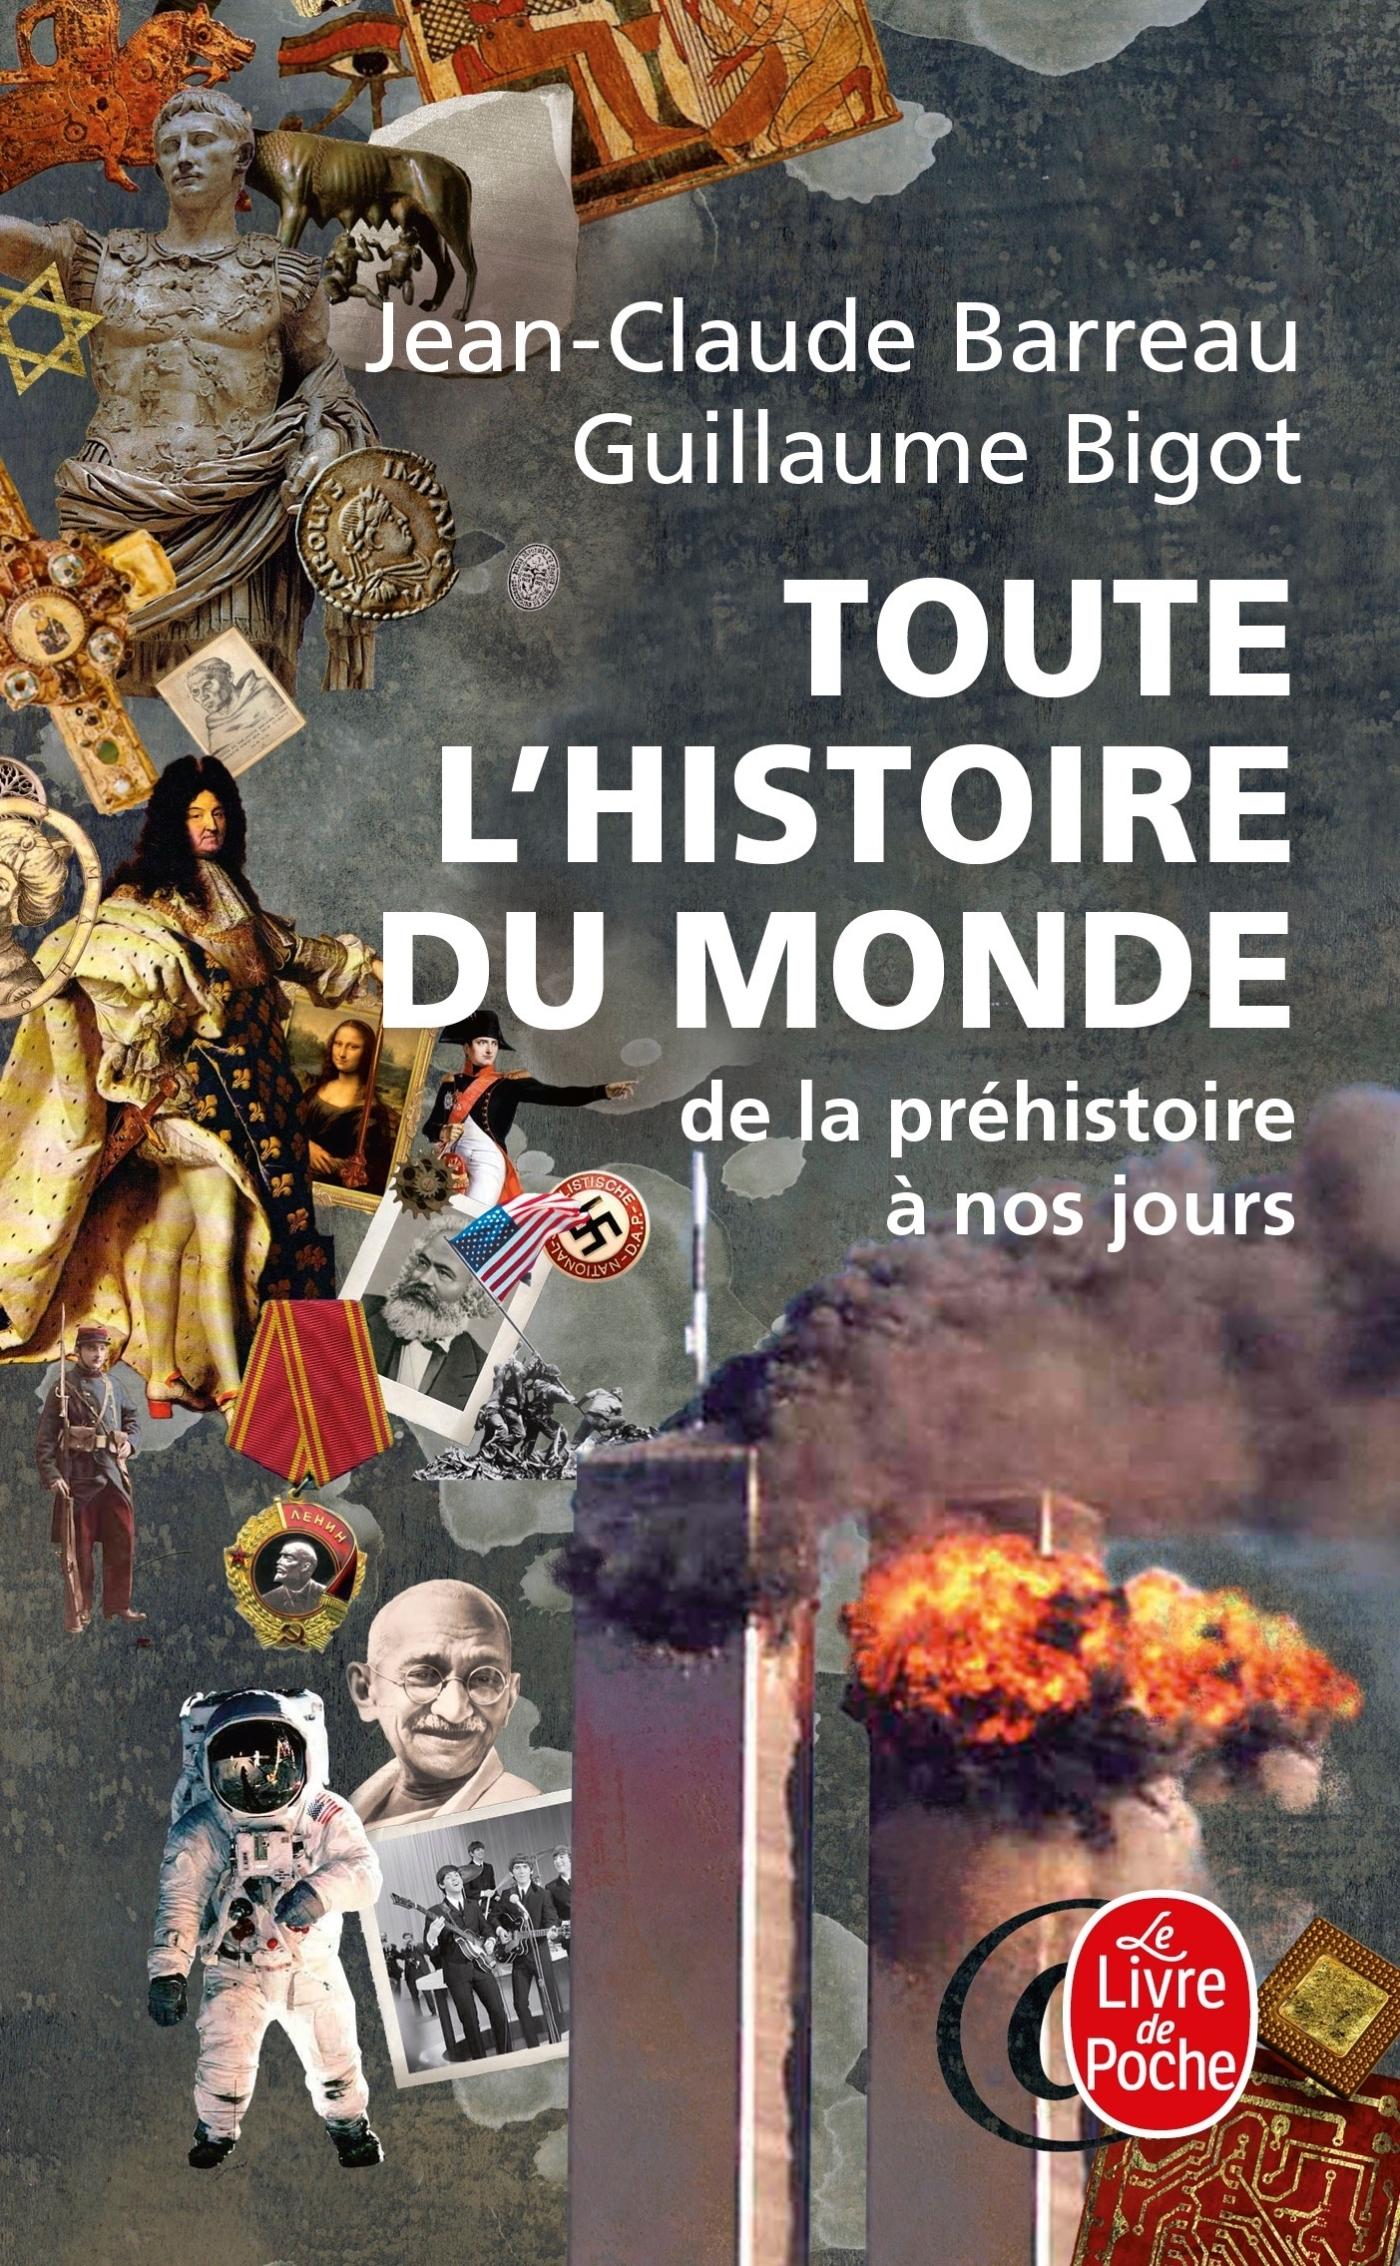 TOUTE L'HISTOIRE DU MONDE - DE LA PREHISTOIRE A NOS JOURS